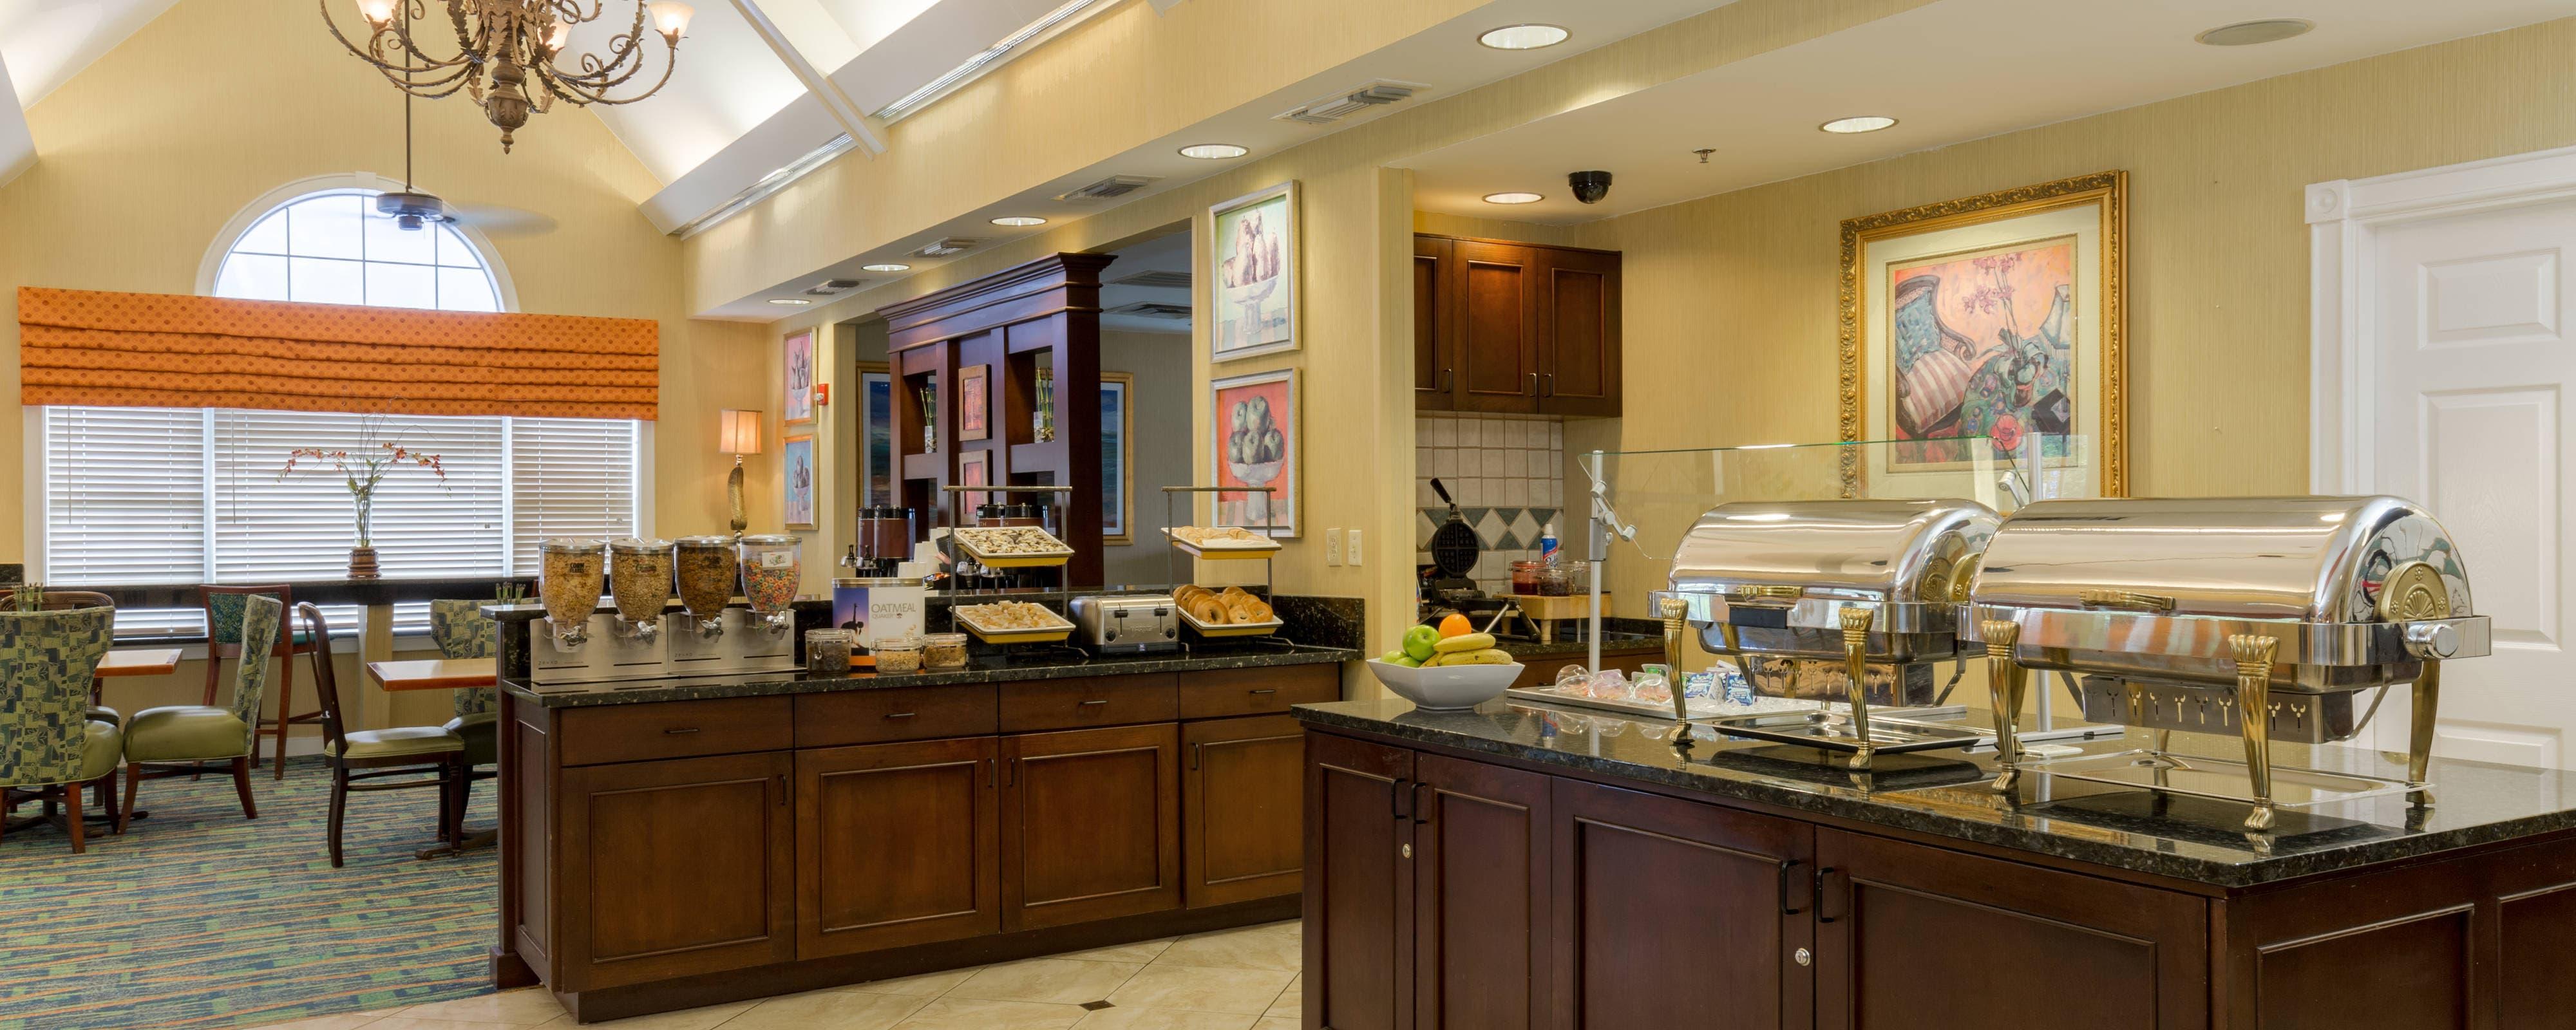 Restaurants in East Monroe, LA   Residence Inn Monroe